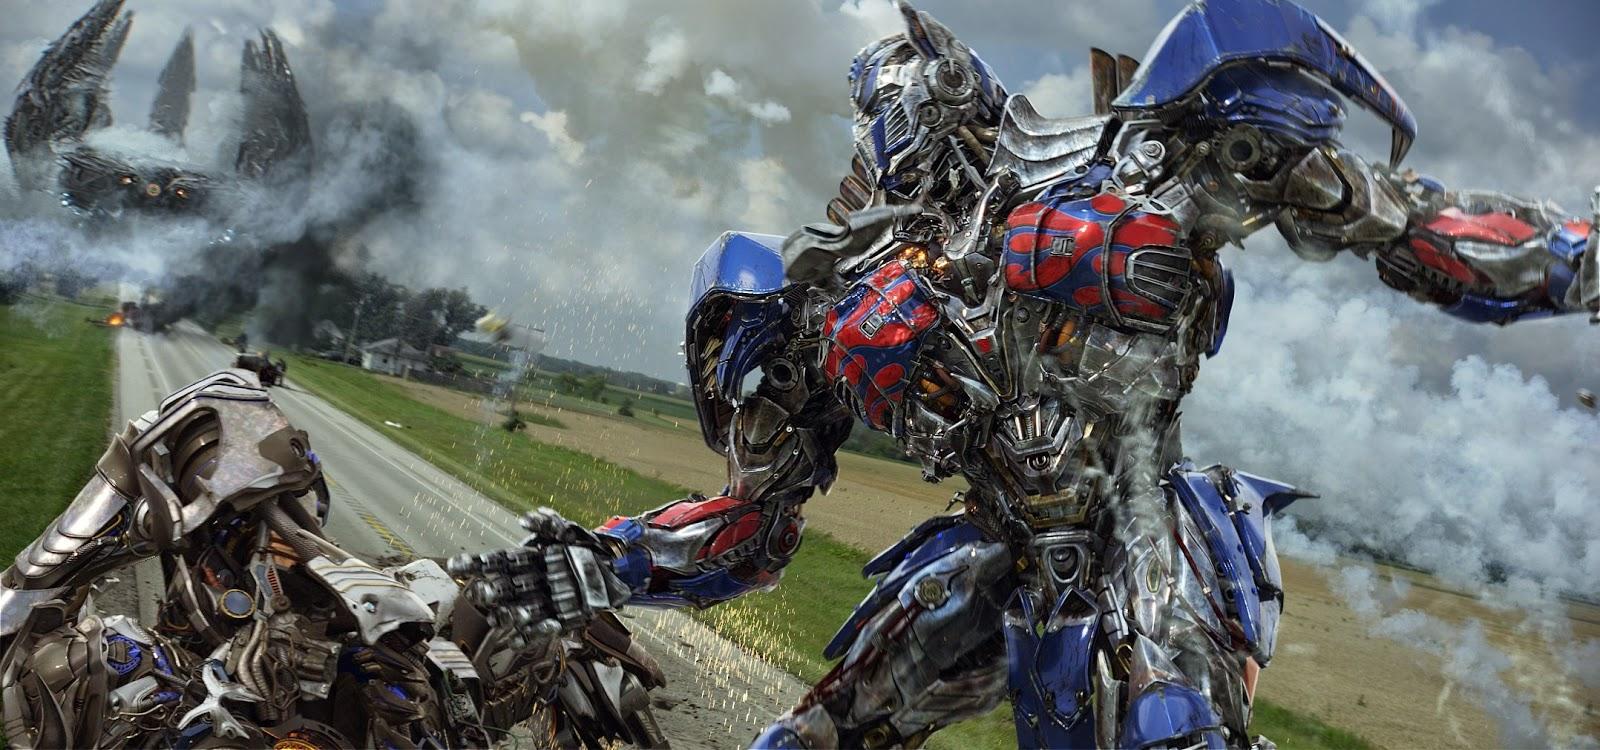 Optimus em campo, batalha de robôs, novos carros e artes conceituais inéditas de Transformers: A Era da Extinção